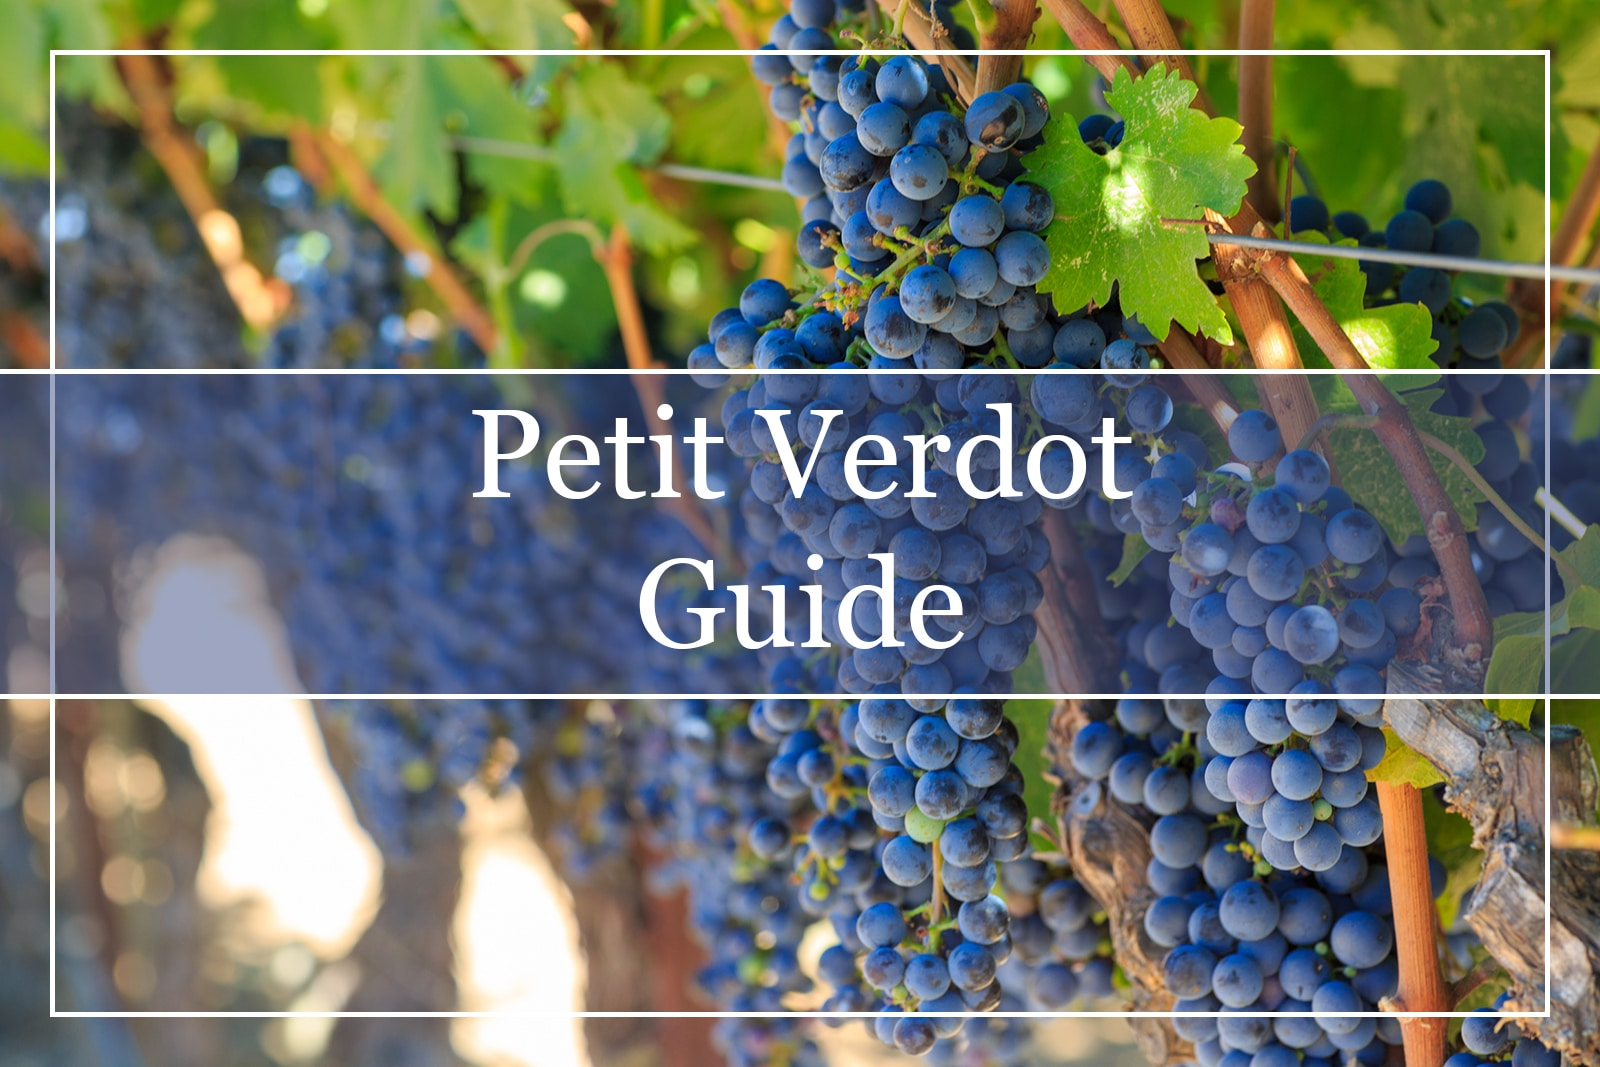 Petit Verdot Grapes